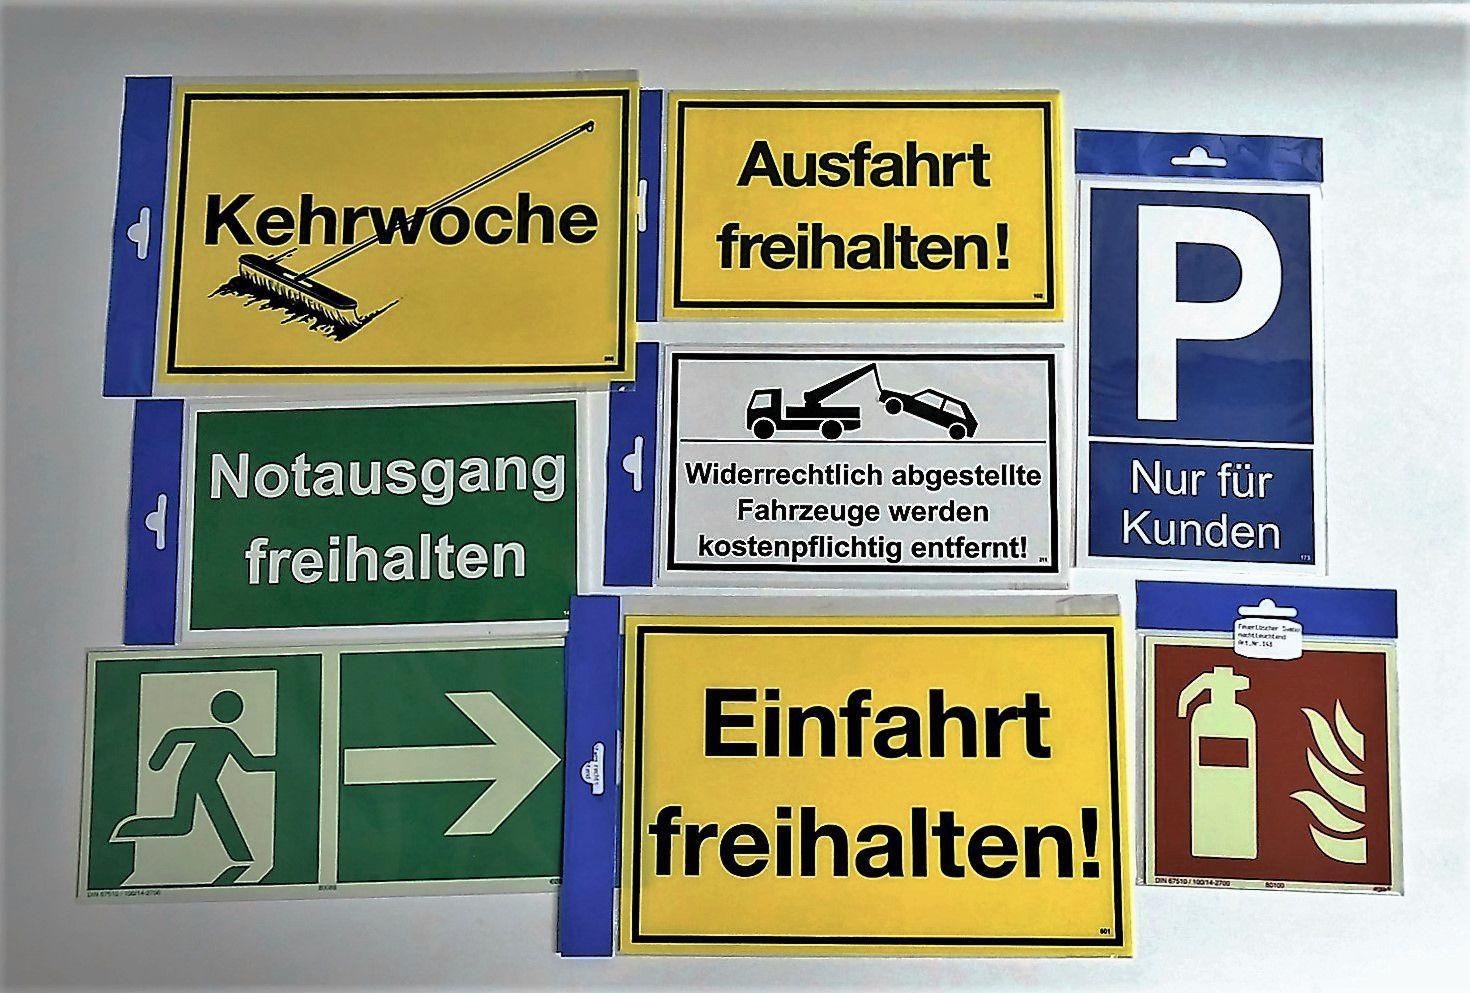 Achtung Spielende Kinder! 300 x 200 mm Warn- Hinweis- und Verbotsschild PST-Kunststoff – Bild 2